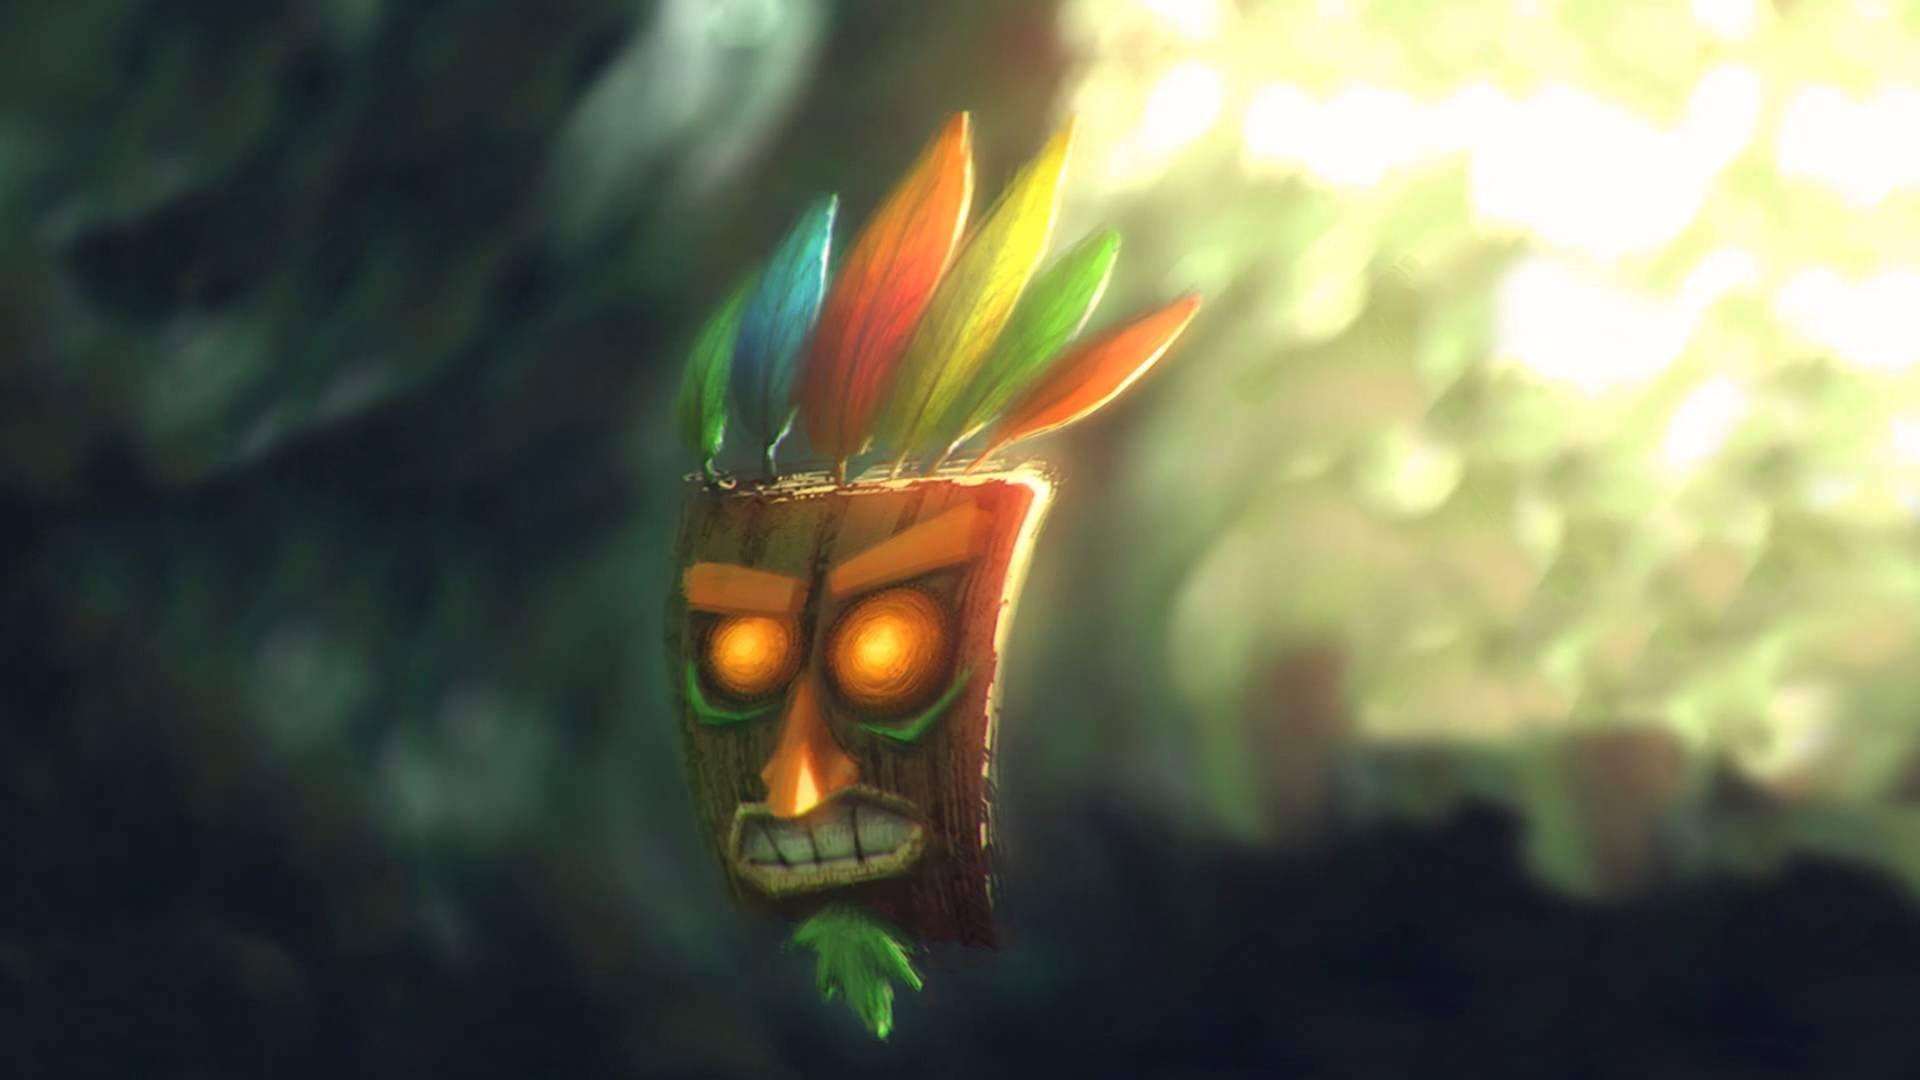 Image Aku Aku dans Crash Bandicoot